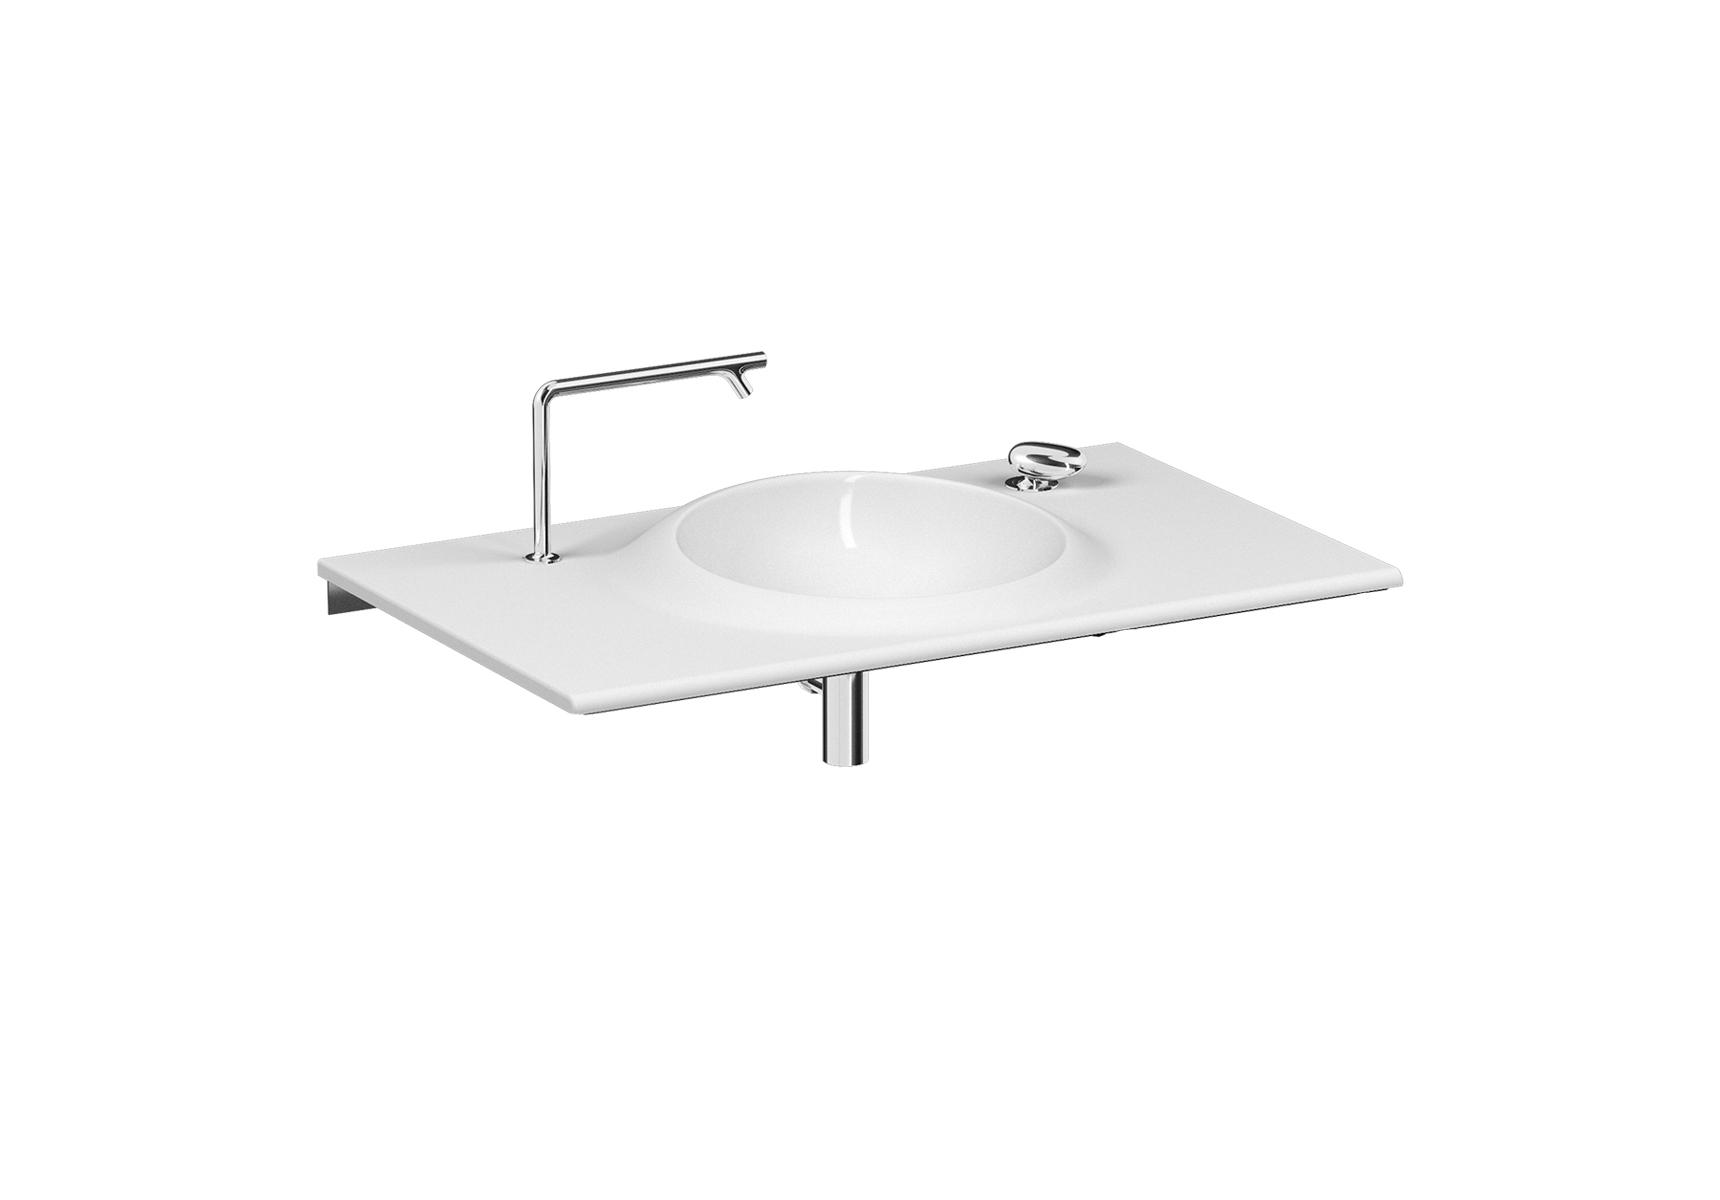 Istanbul lavabo, avec trou pour robinet et trou pour levier d'actionnement, 100 cm, blanc